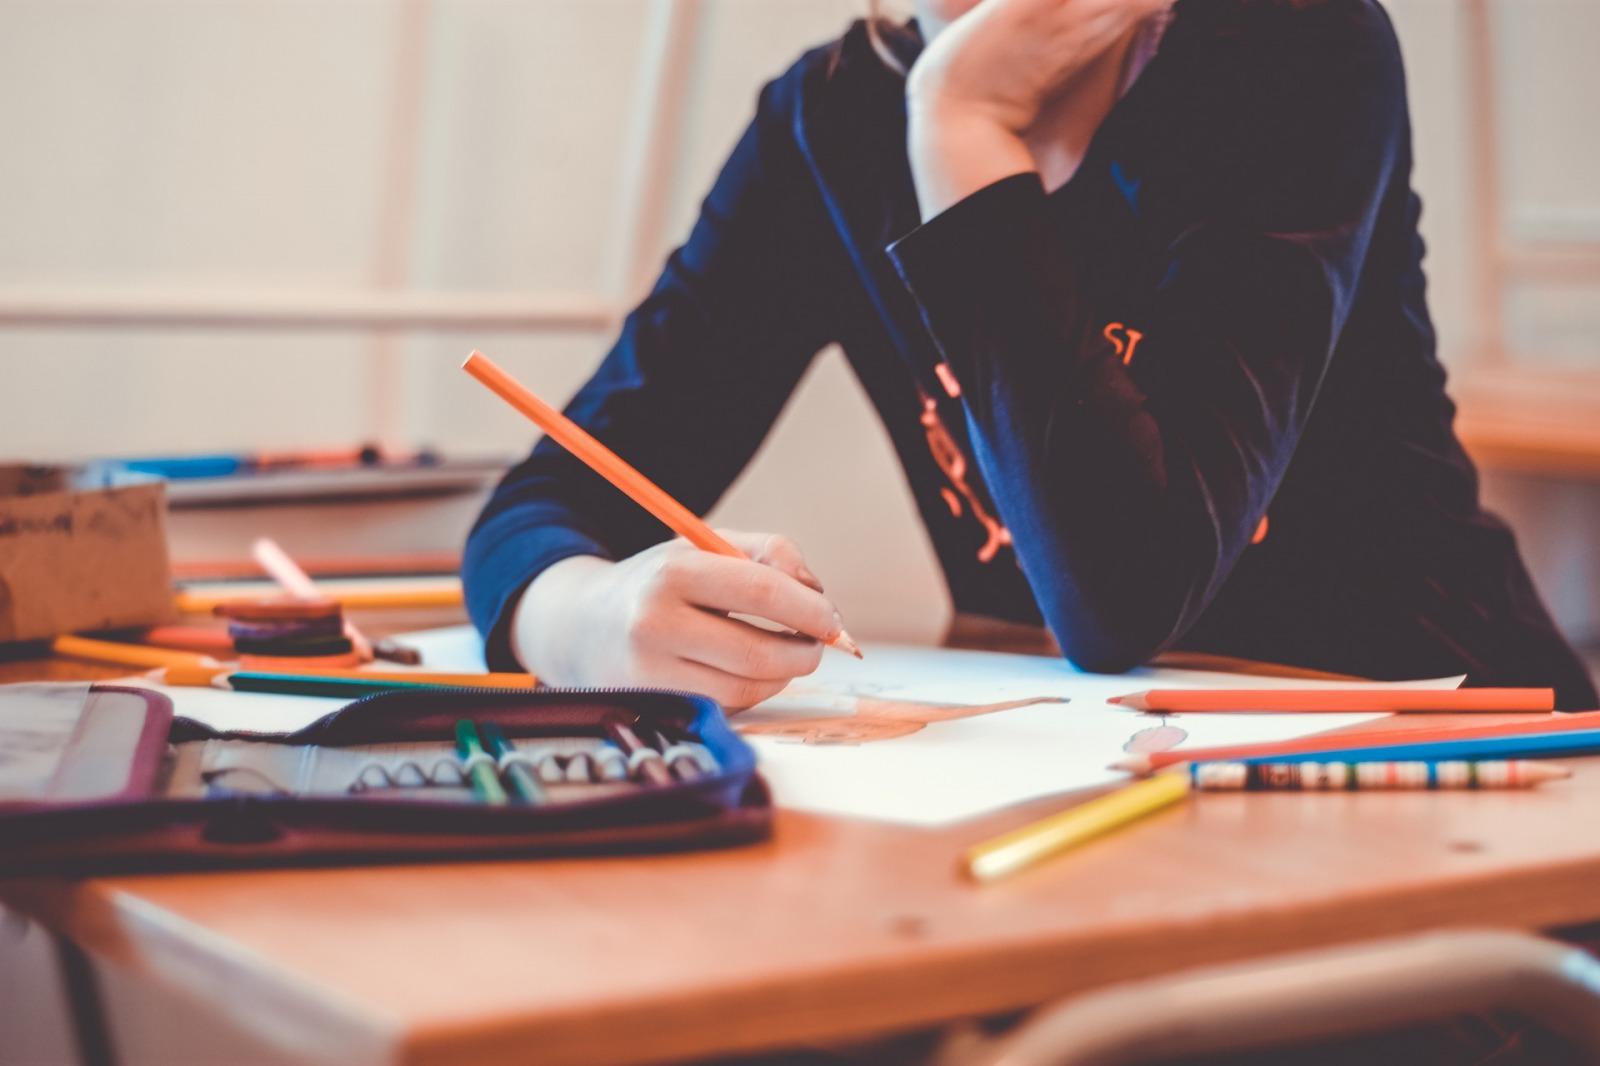 どのようにして英語の勉強を進めていけば良いのか